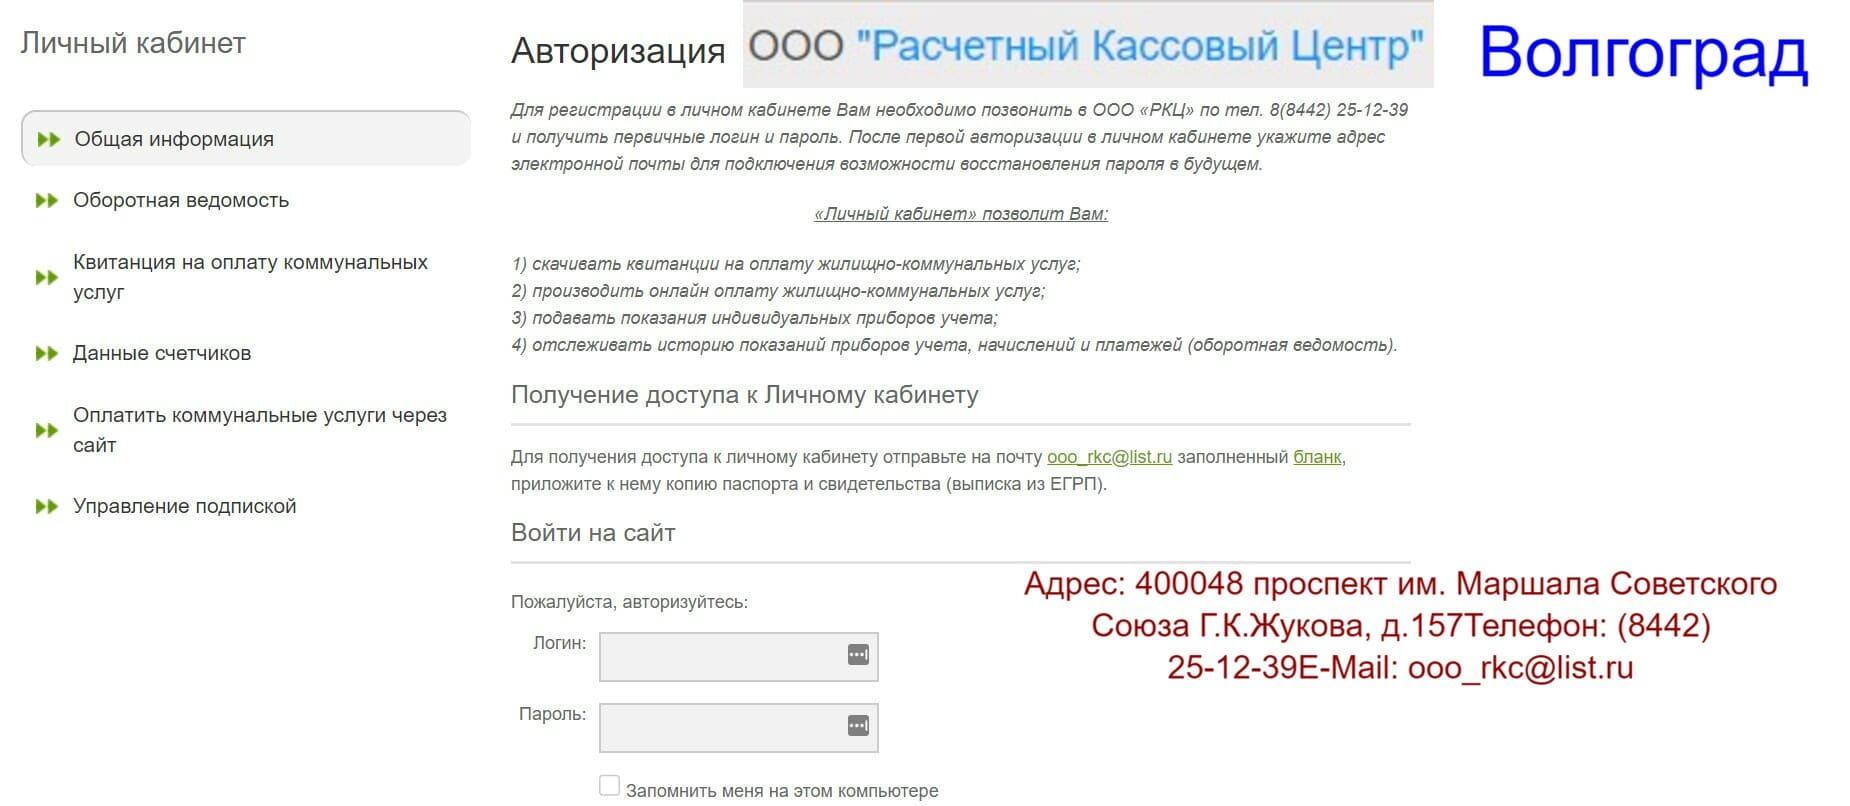 РКЦ Волгоград личный кабинет